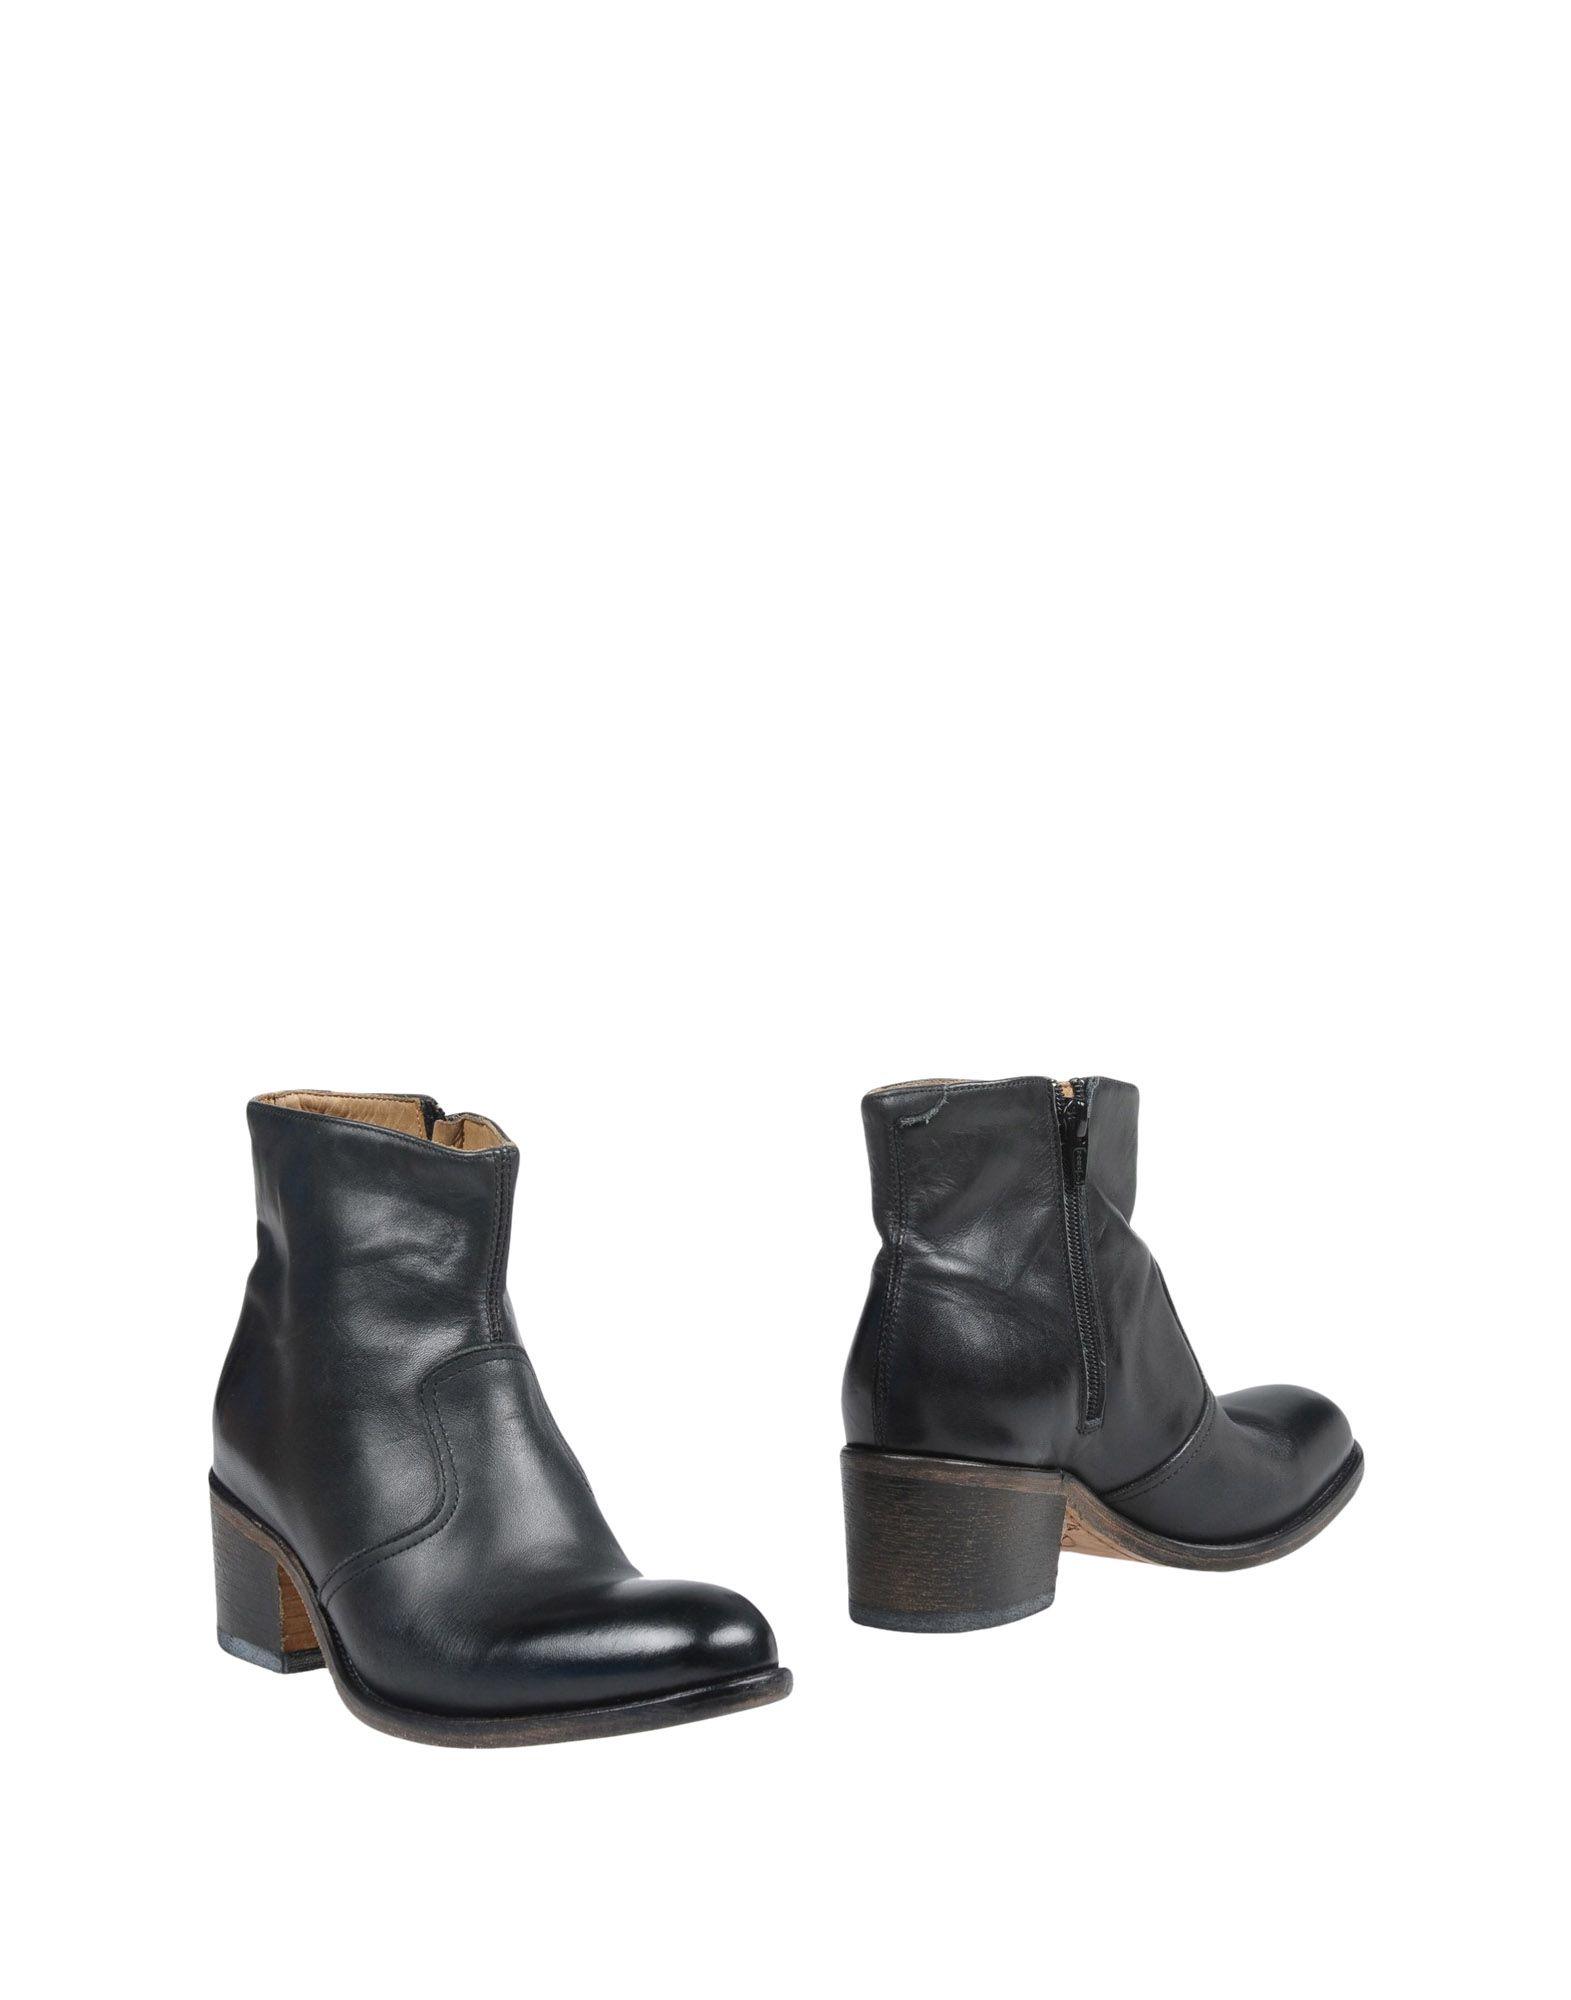 ATELIER VOISIN | ATELIER VOISIN Ankle boots | Goxip